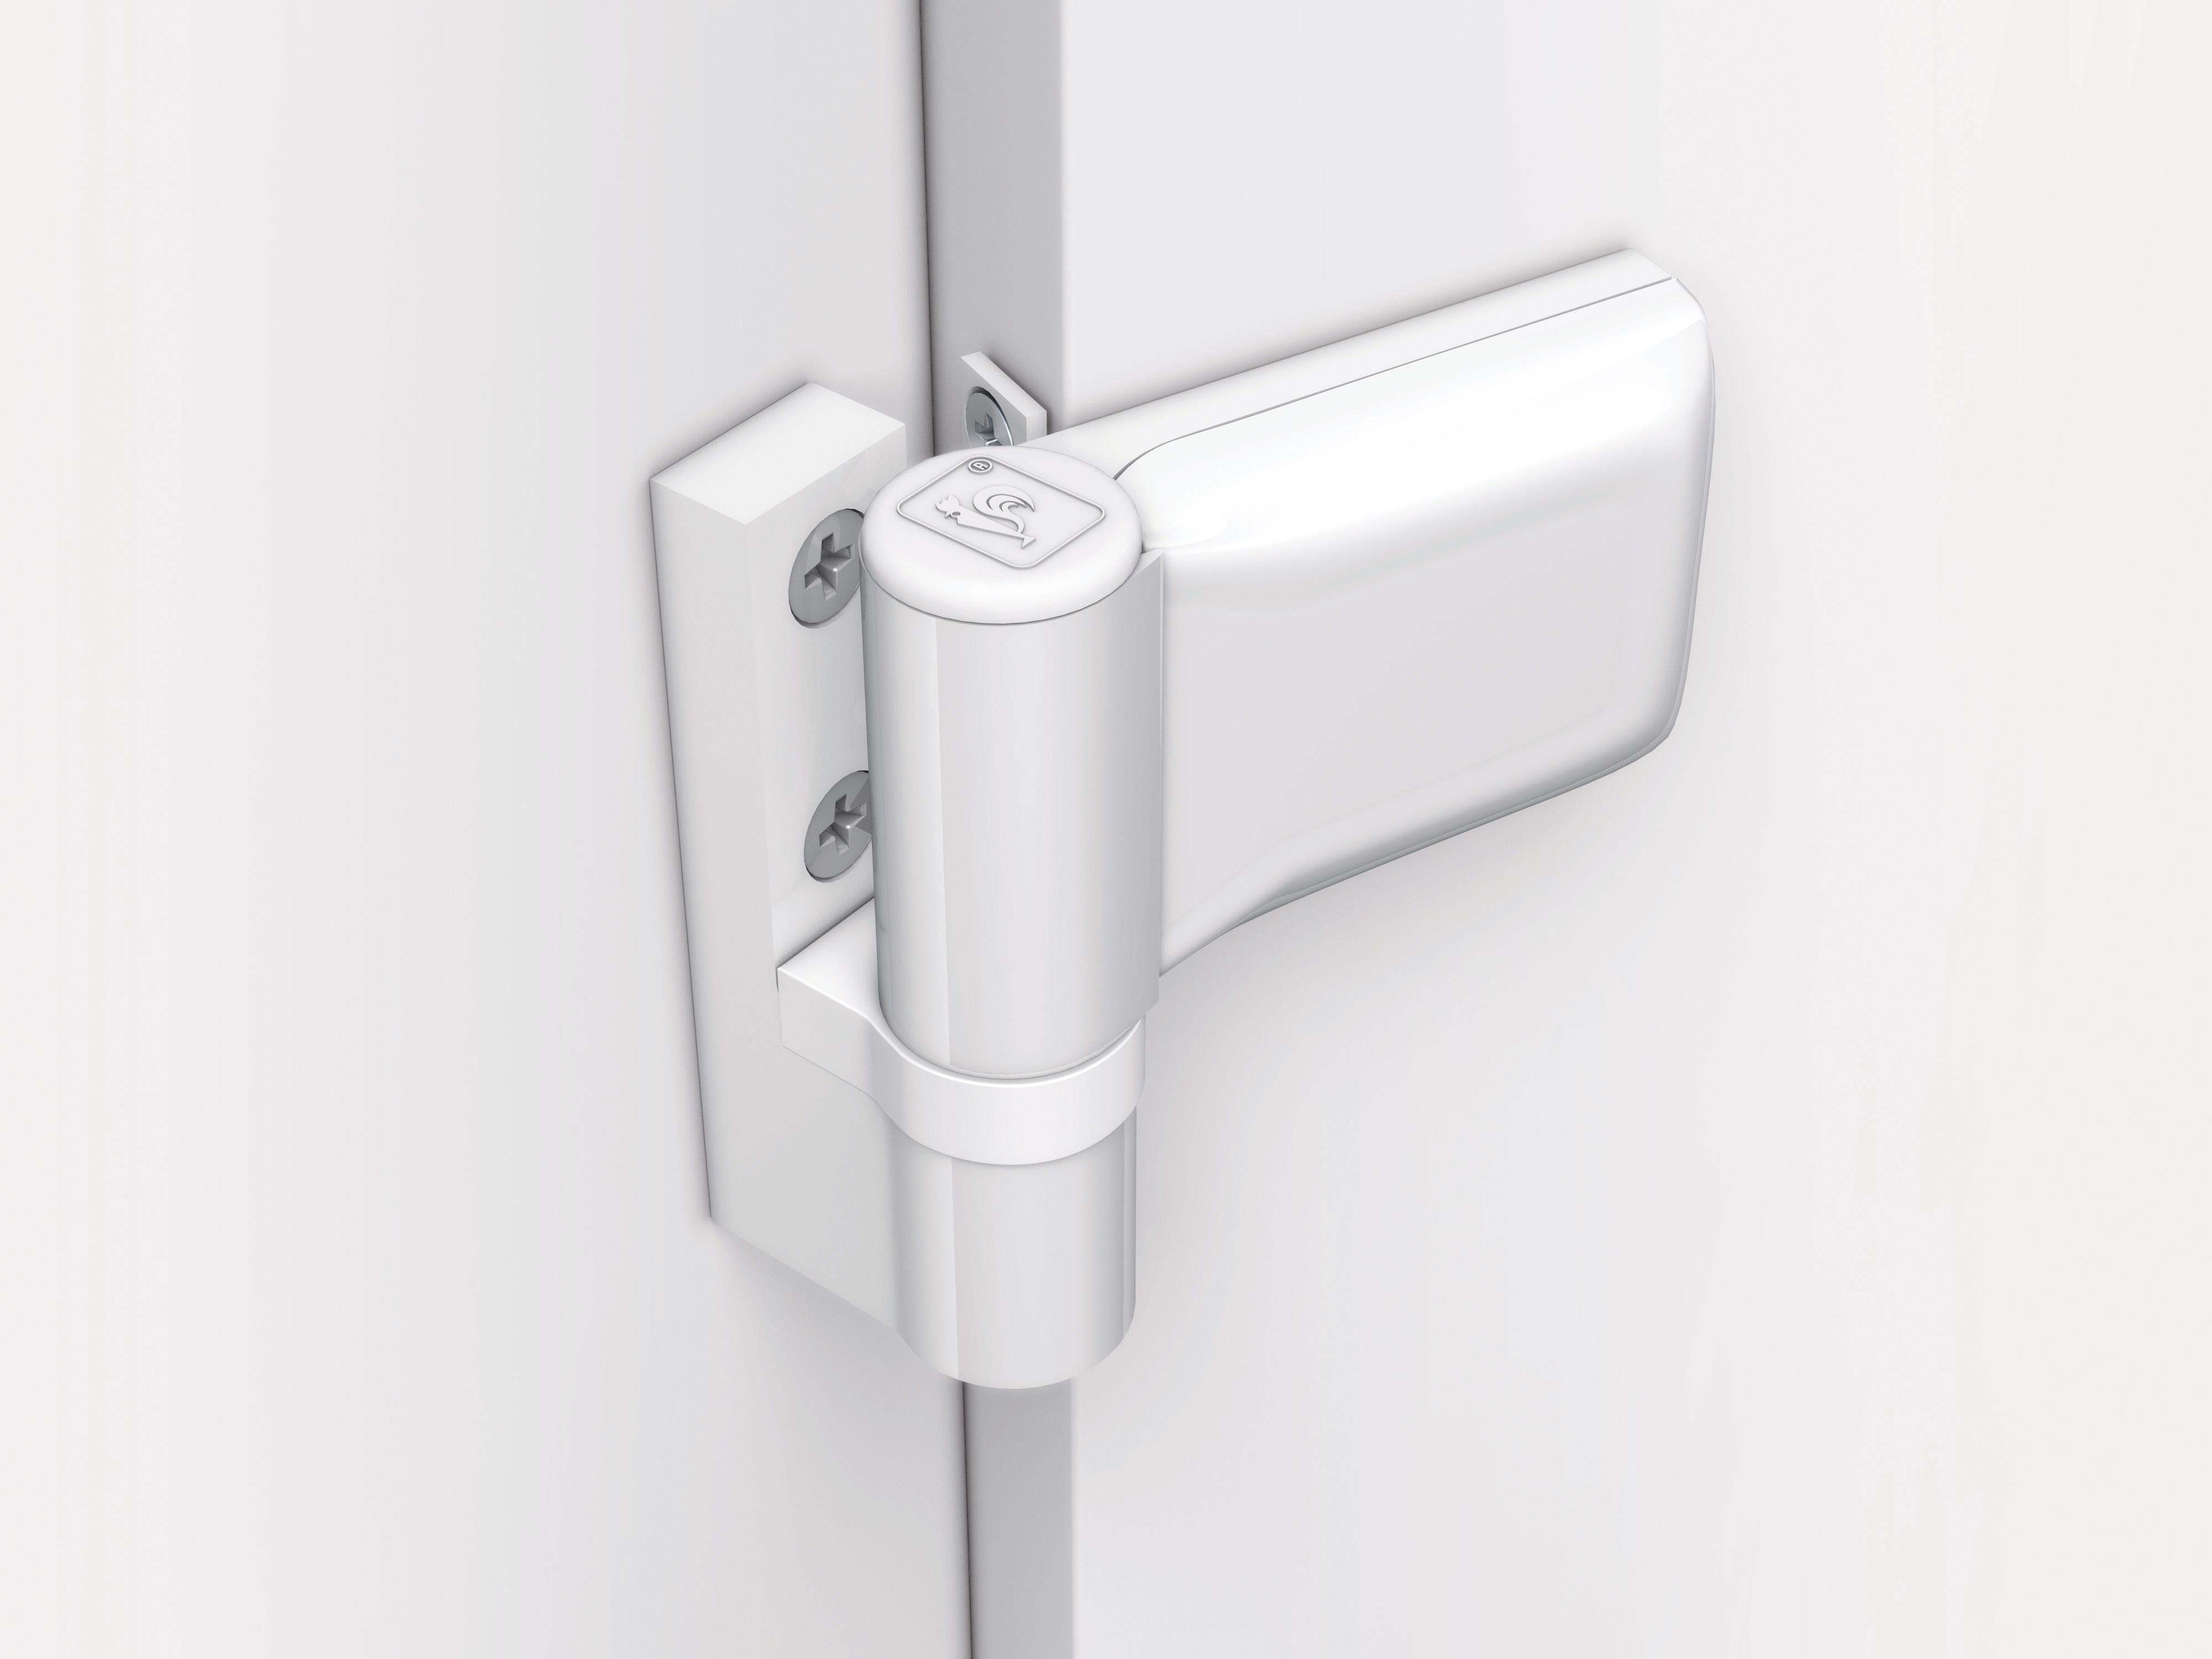 Петли для алюминиевых дверей: маятниковые, скрытые, роликовы.